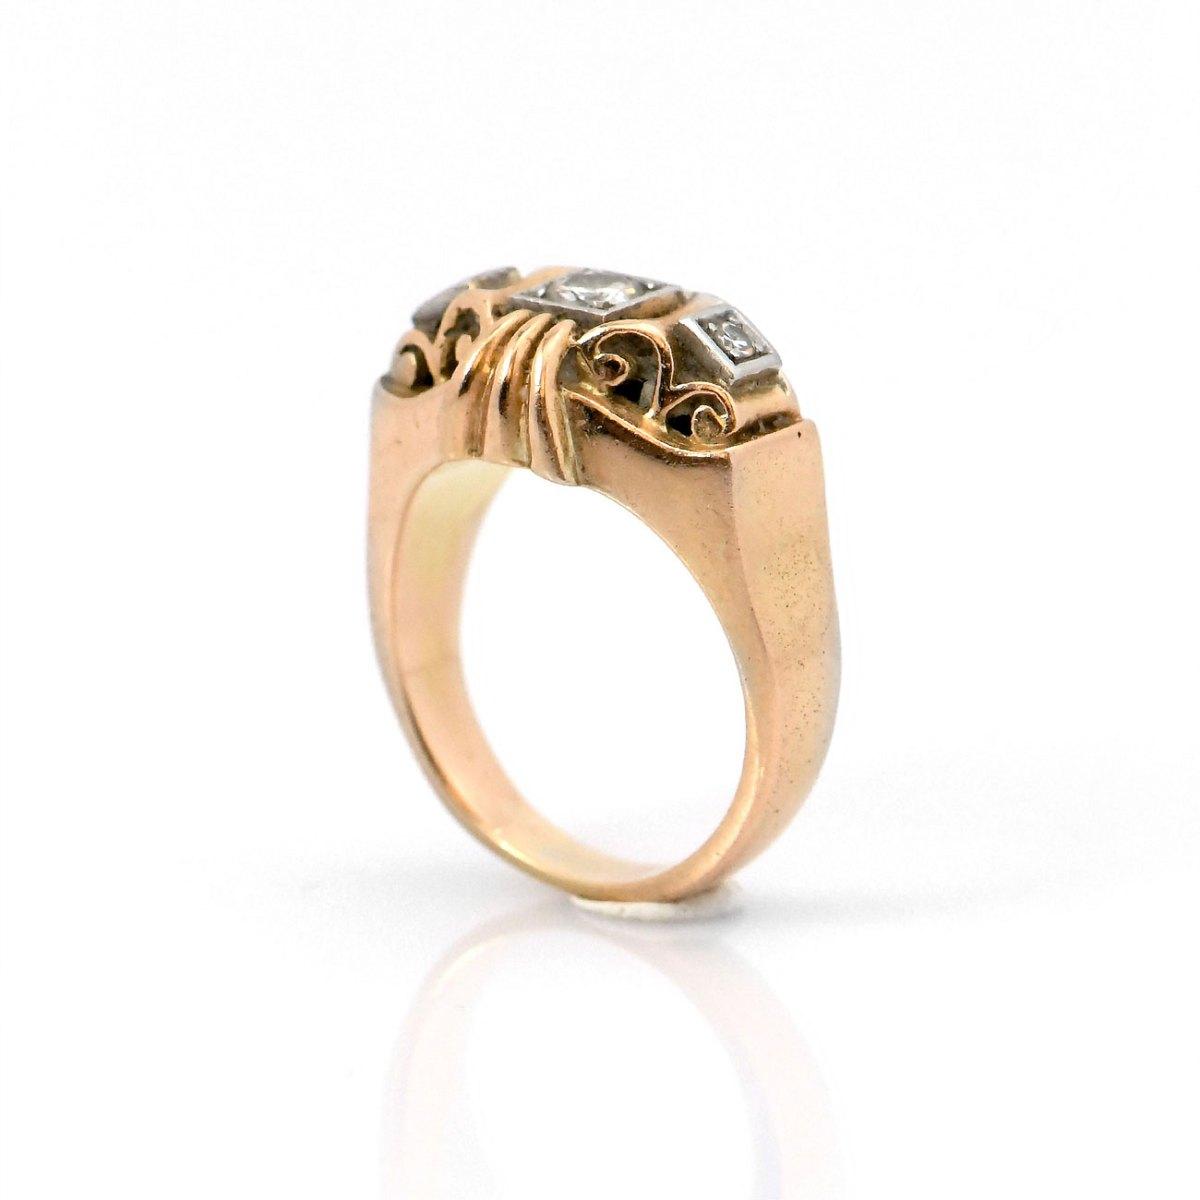 Bague diamants Art Déco, 0,28 ct, or jaune 750 ‰   Réf. BA-B18664   EVENOR Joaillerie • Bijoux neuf, bijoux Vintage, bijoux d'occasion